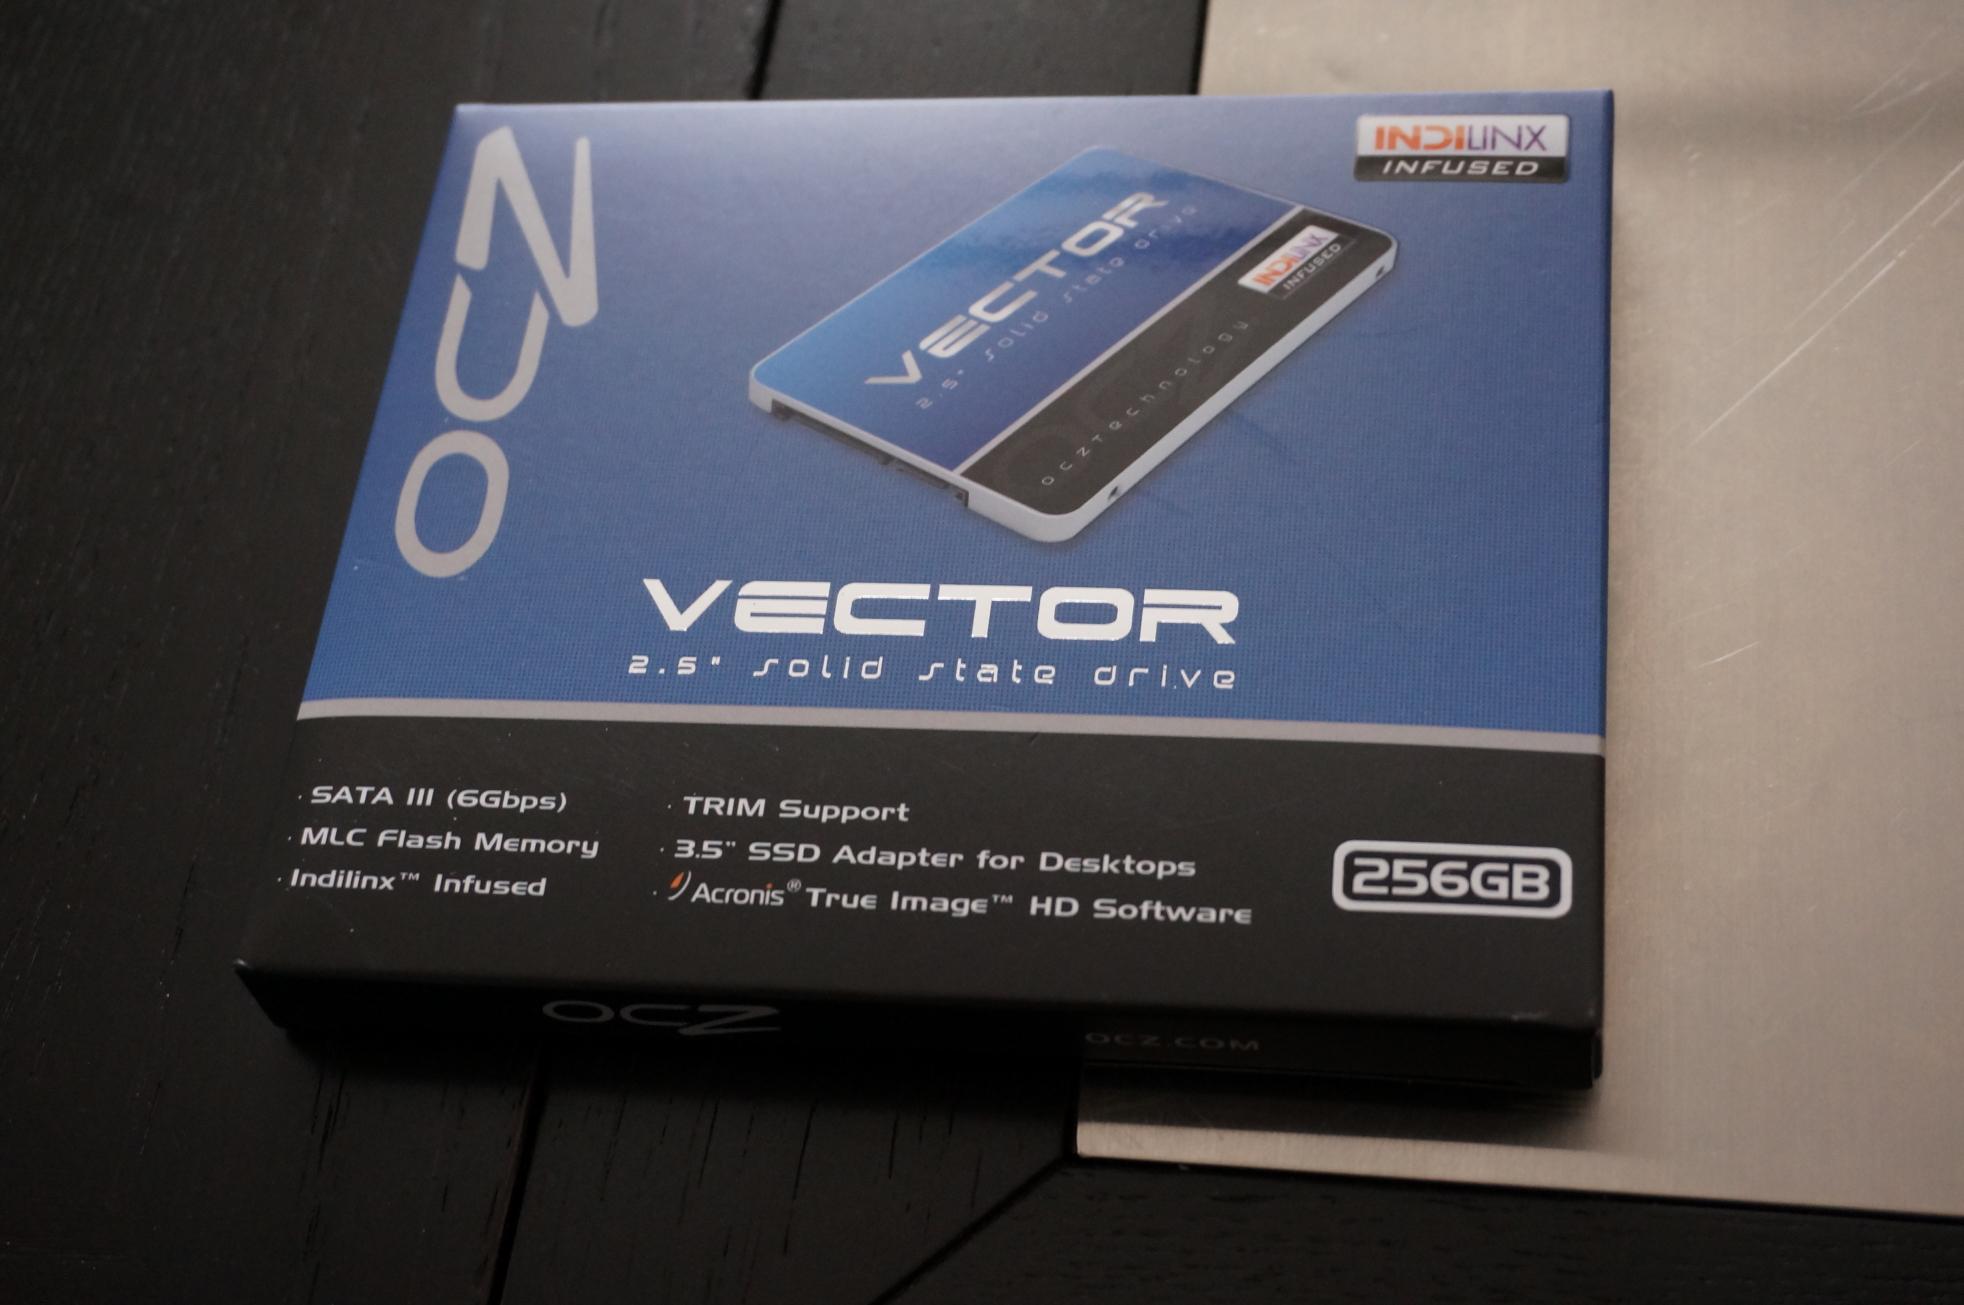 【SSD】OCZ Vector 256GB をしばく